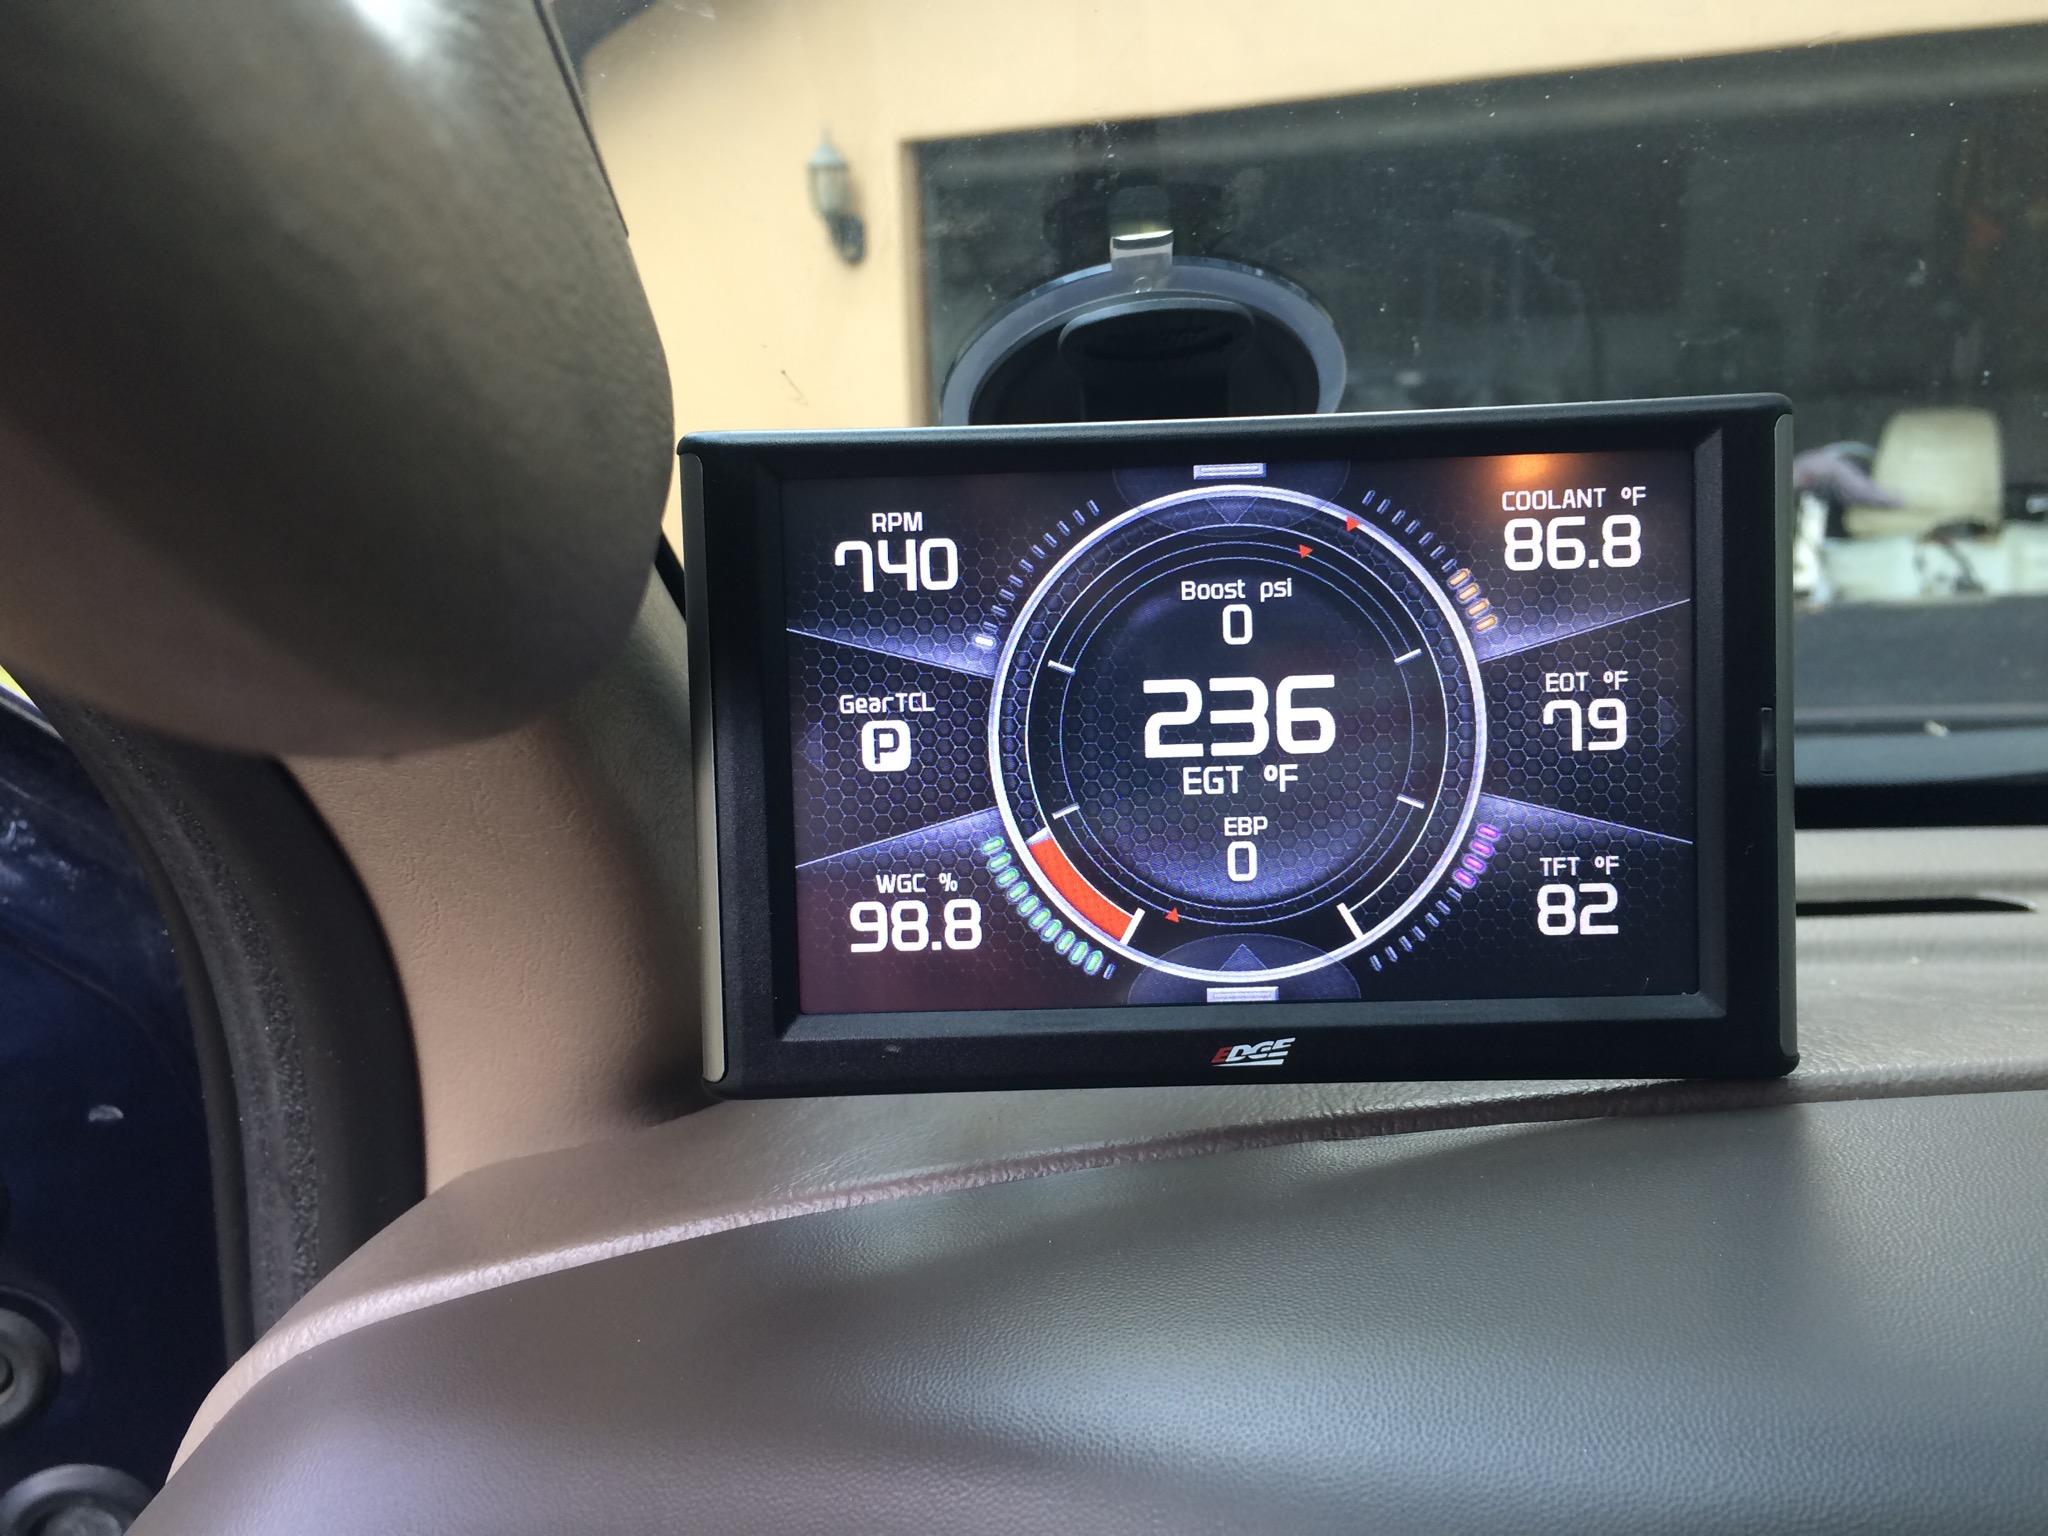 03 7 3 & Edge gauges Page 2 Ford Powerstroke Diesel Forum